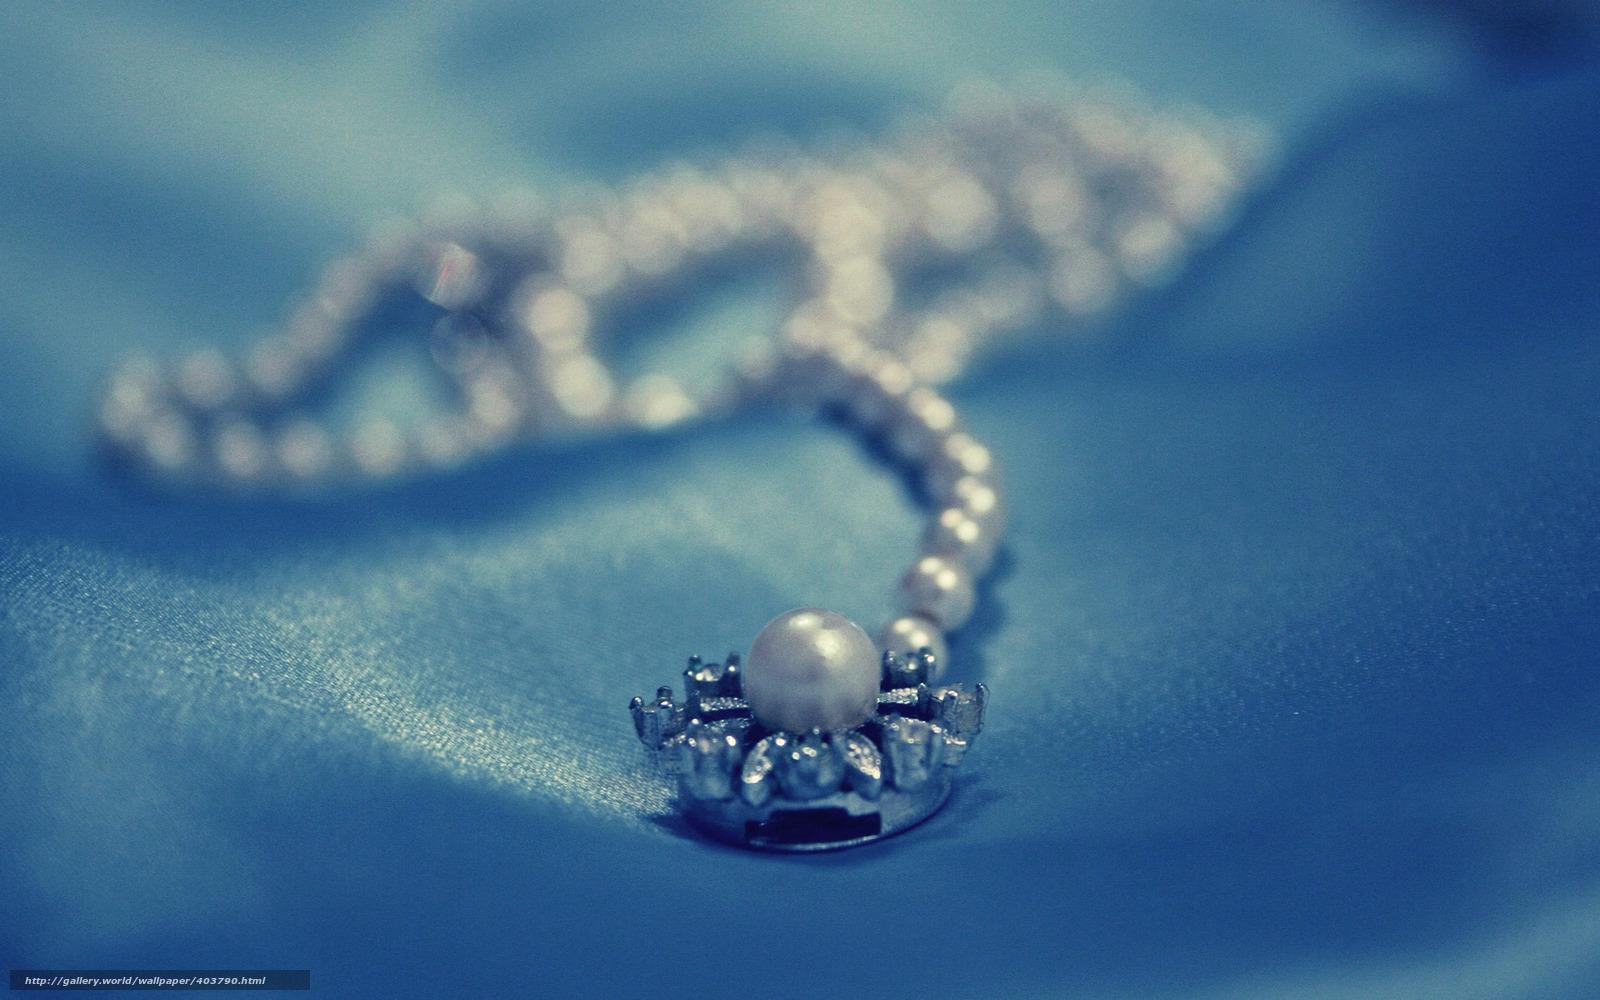 Скачать обои настроения,  макро,  ожерелье,  кулон бесплатно для рабочего стола в разрешении 1680x1050 — картинка №403790